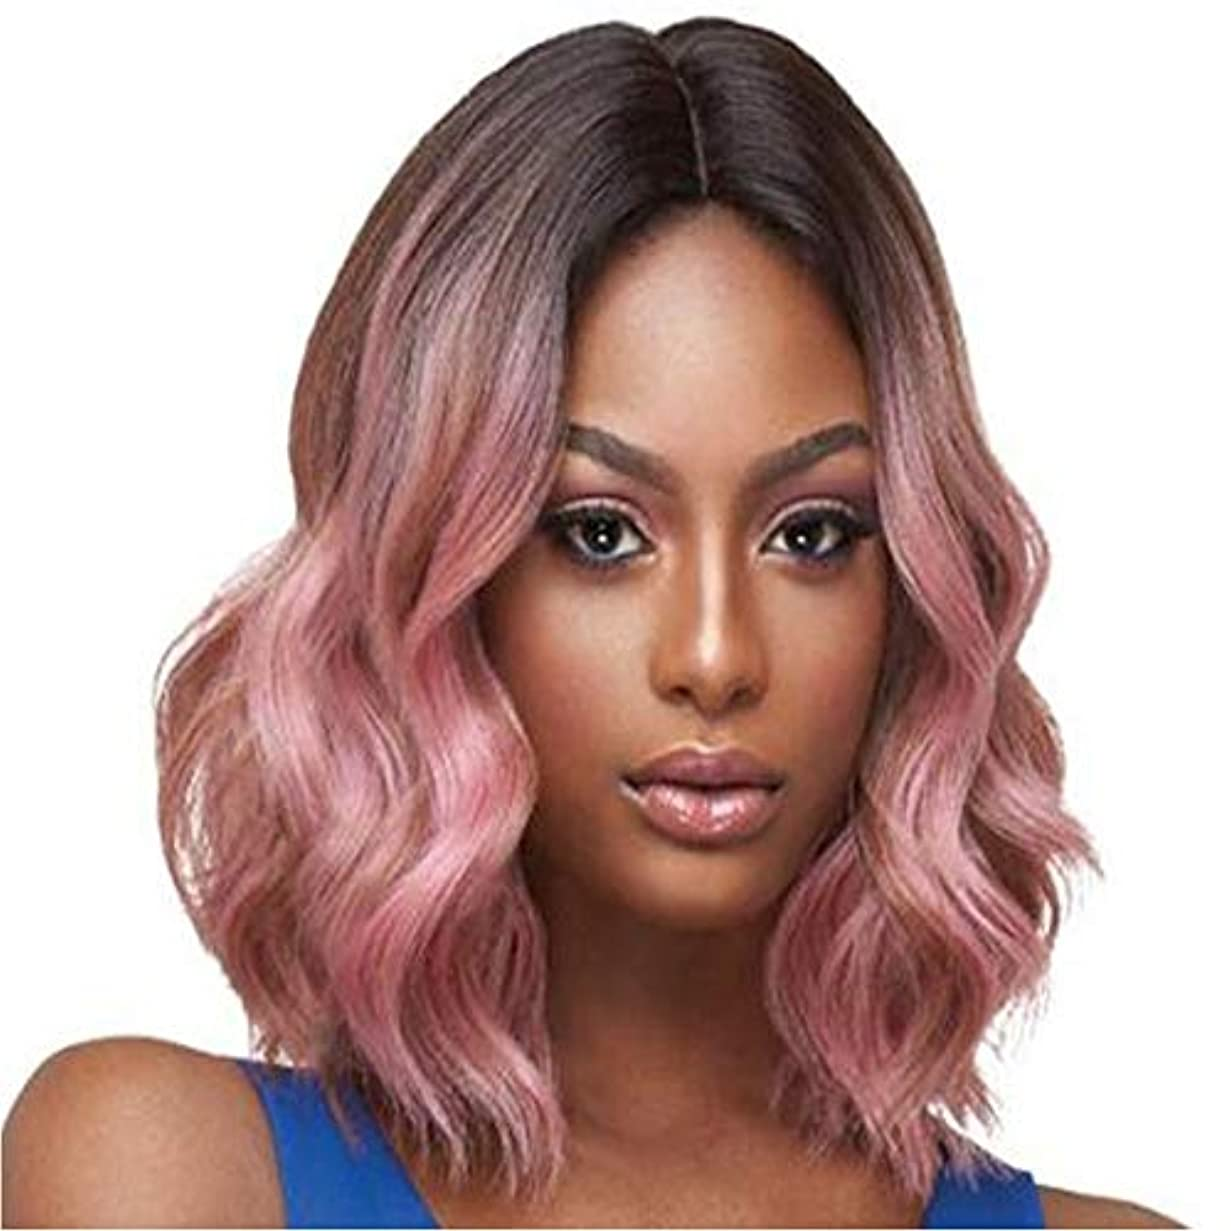 あいまい自分自身出席するヘアエクステンションピンクショート合成かつら女性用髪水波かつら高温ファイバーウィッグボブヘアカットショートオンブル合成かつら女性用デイウェアコスプレやパーティー